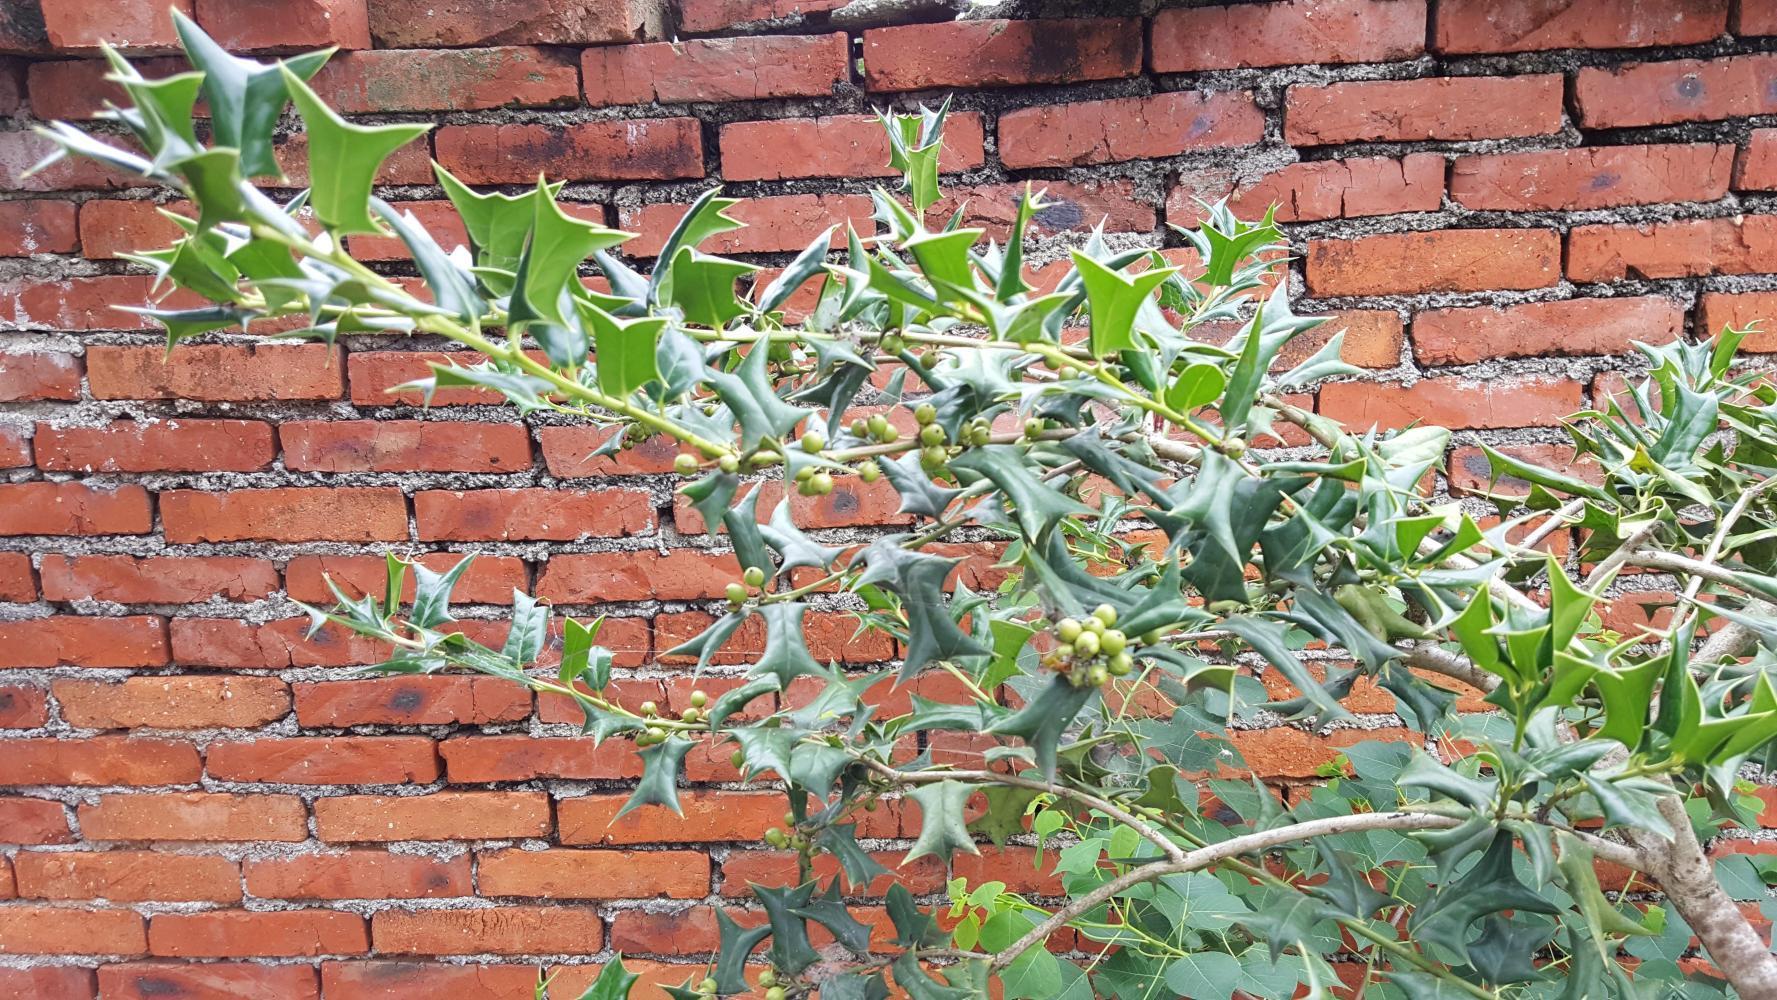 农村路边常见的怪树, 全身都是宝, 它的叶根果皮都能补肾肝 - 枫叶飘飘 - 欢迎诸位朋友珍惜一份美丽的相遇,珍藏